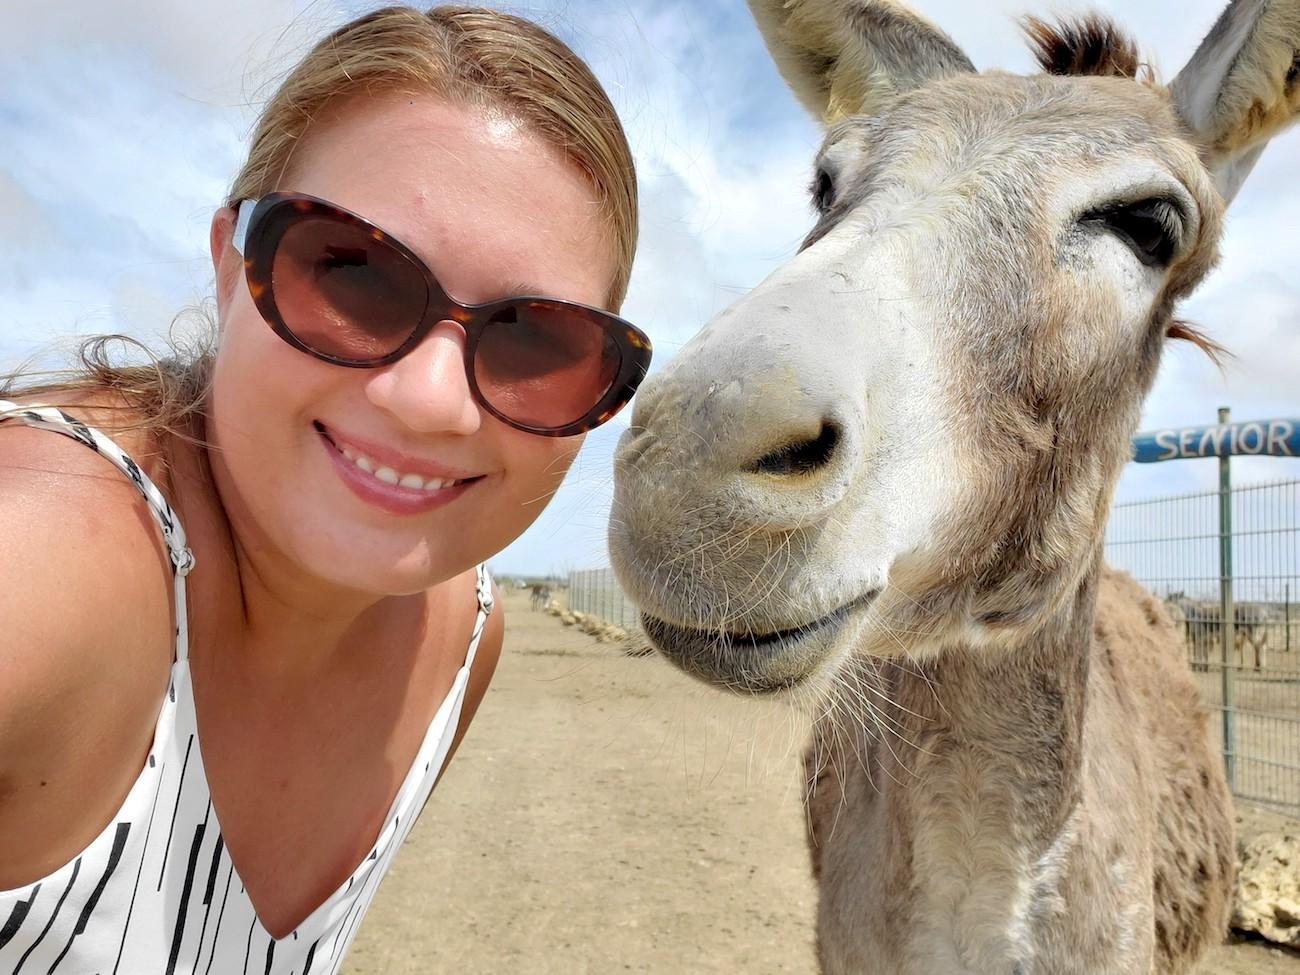 Senior Donkey